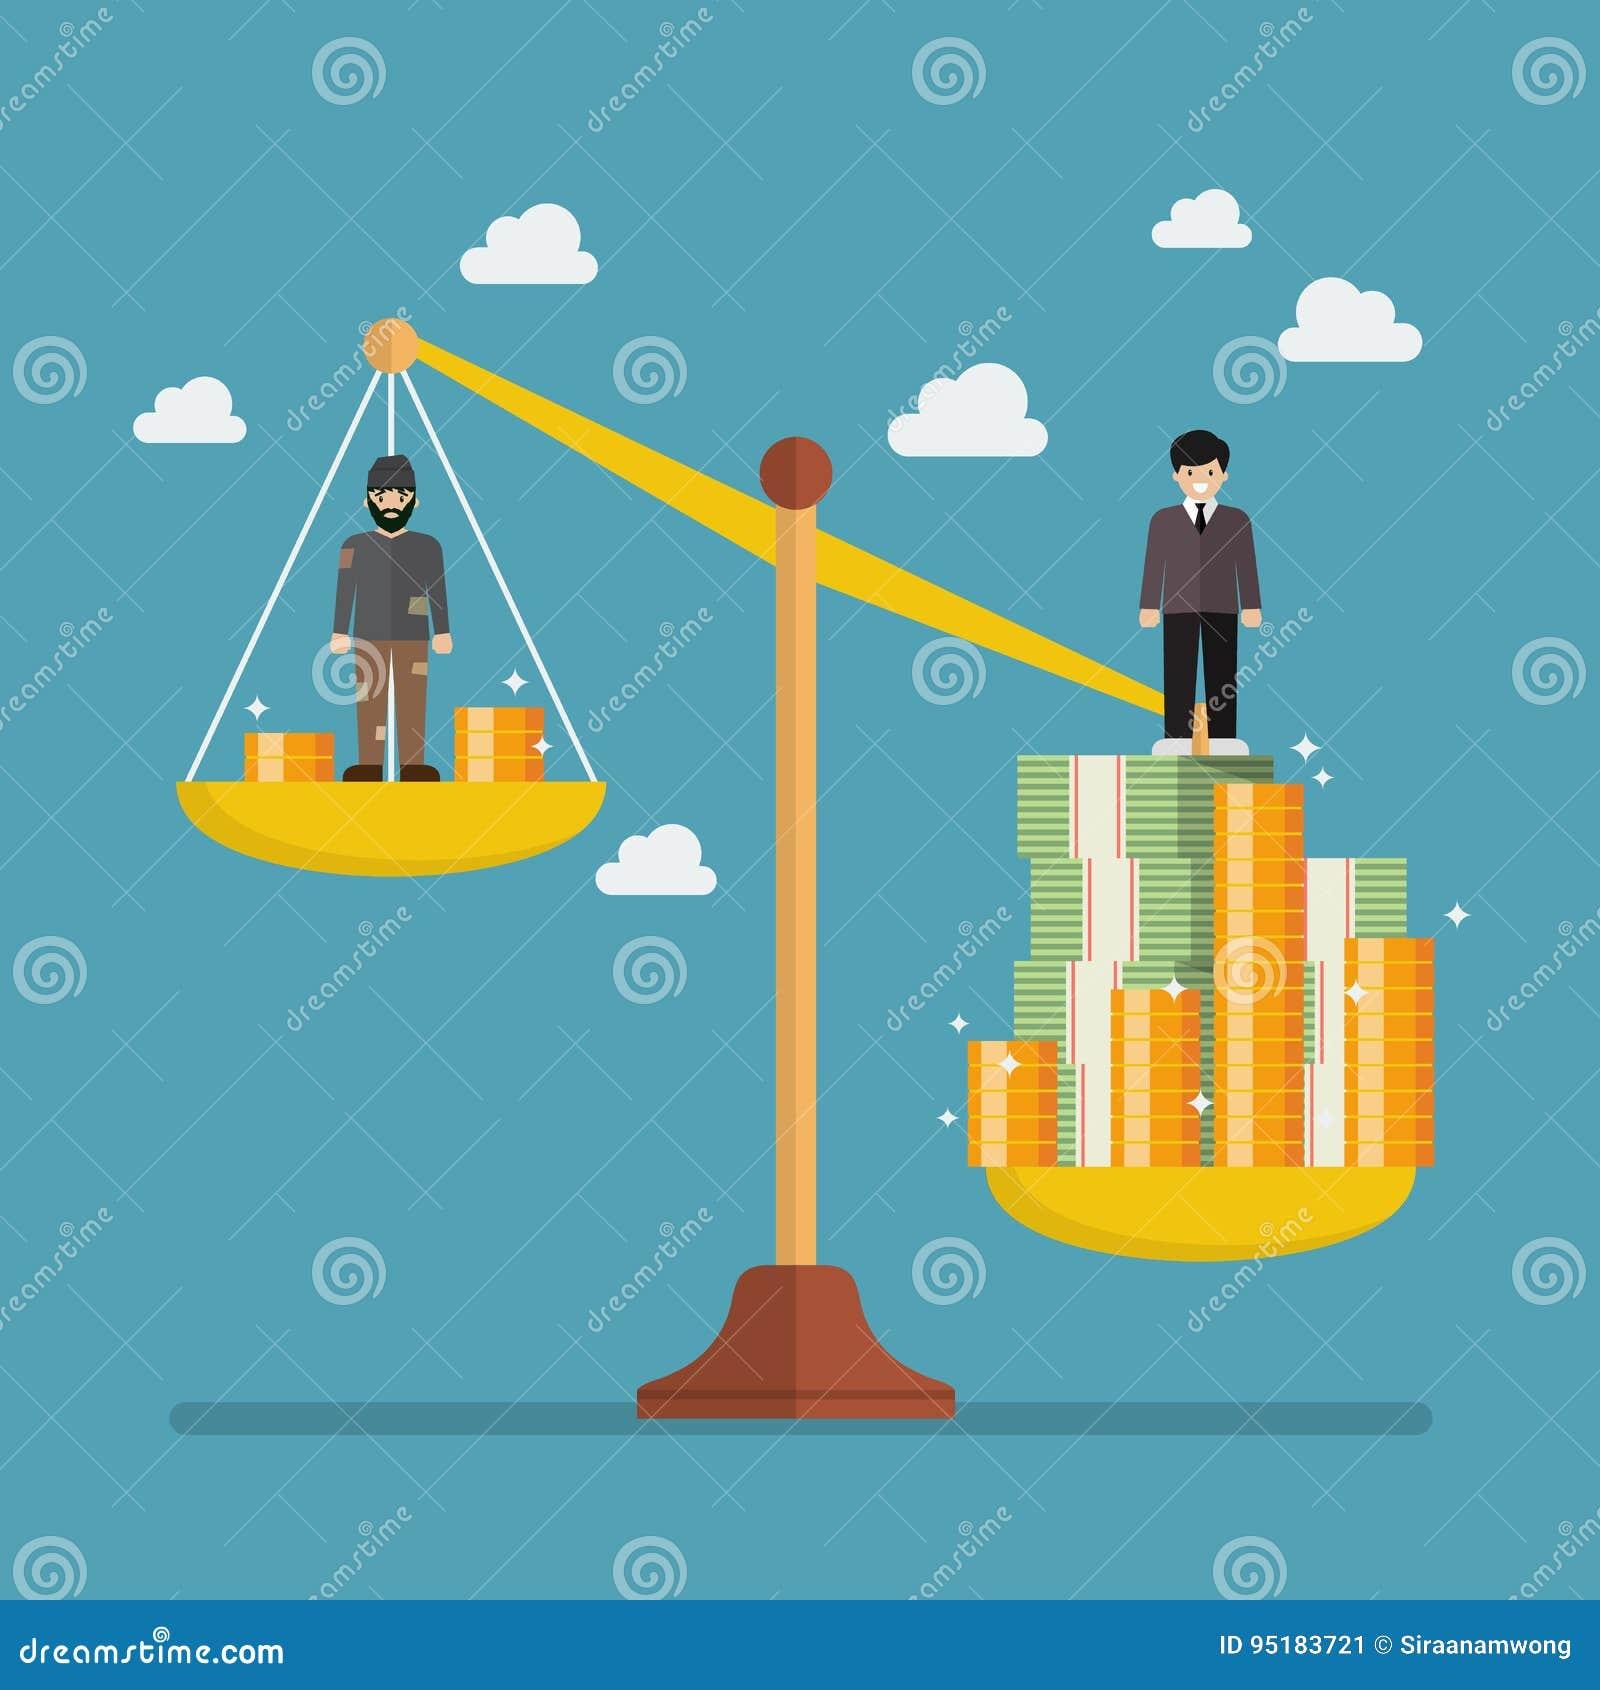 衡量在富人和贫困者之间的标度